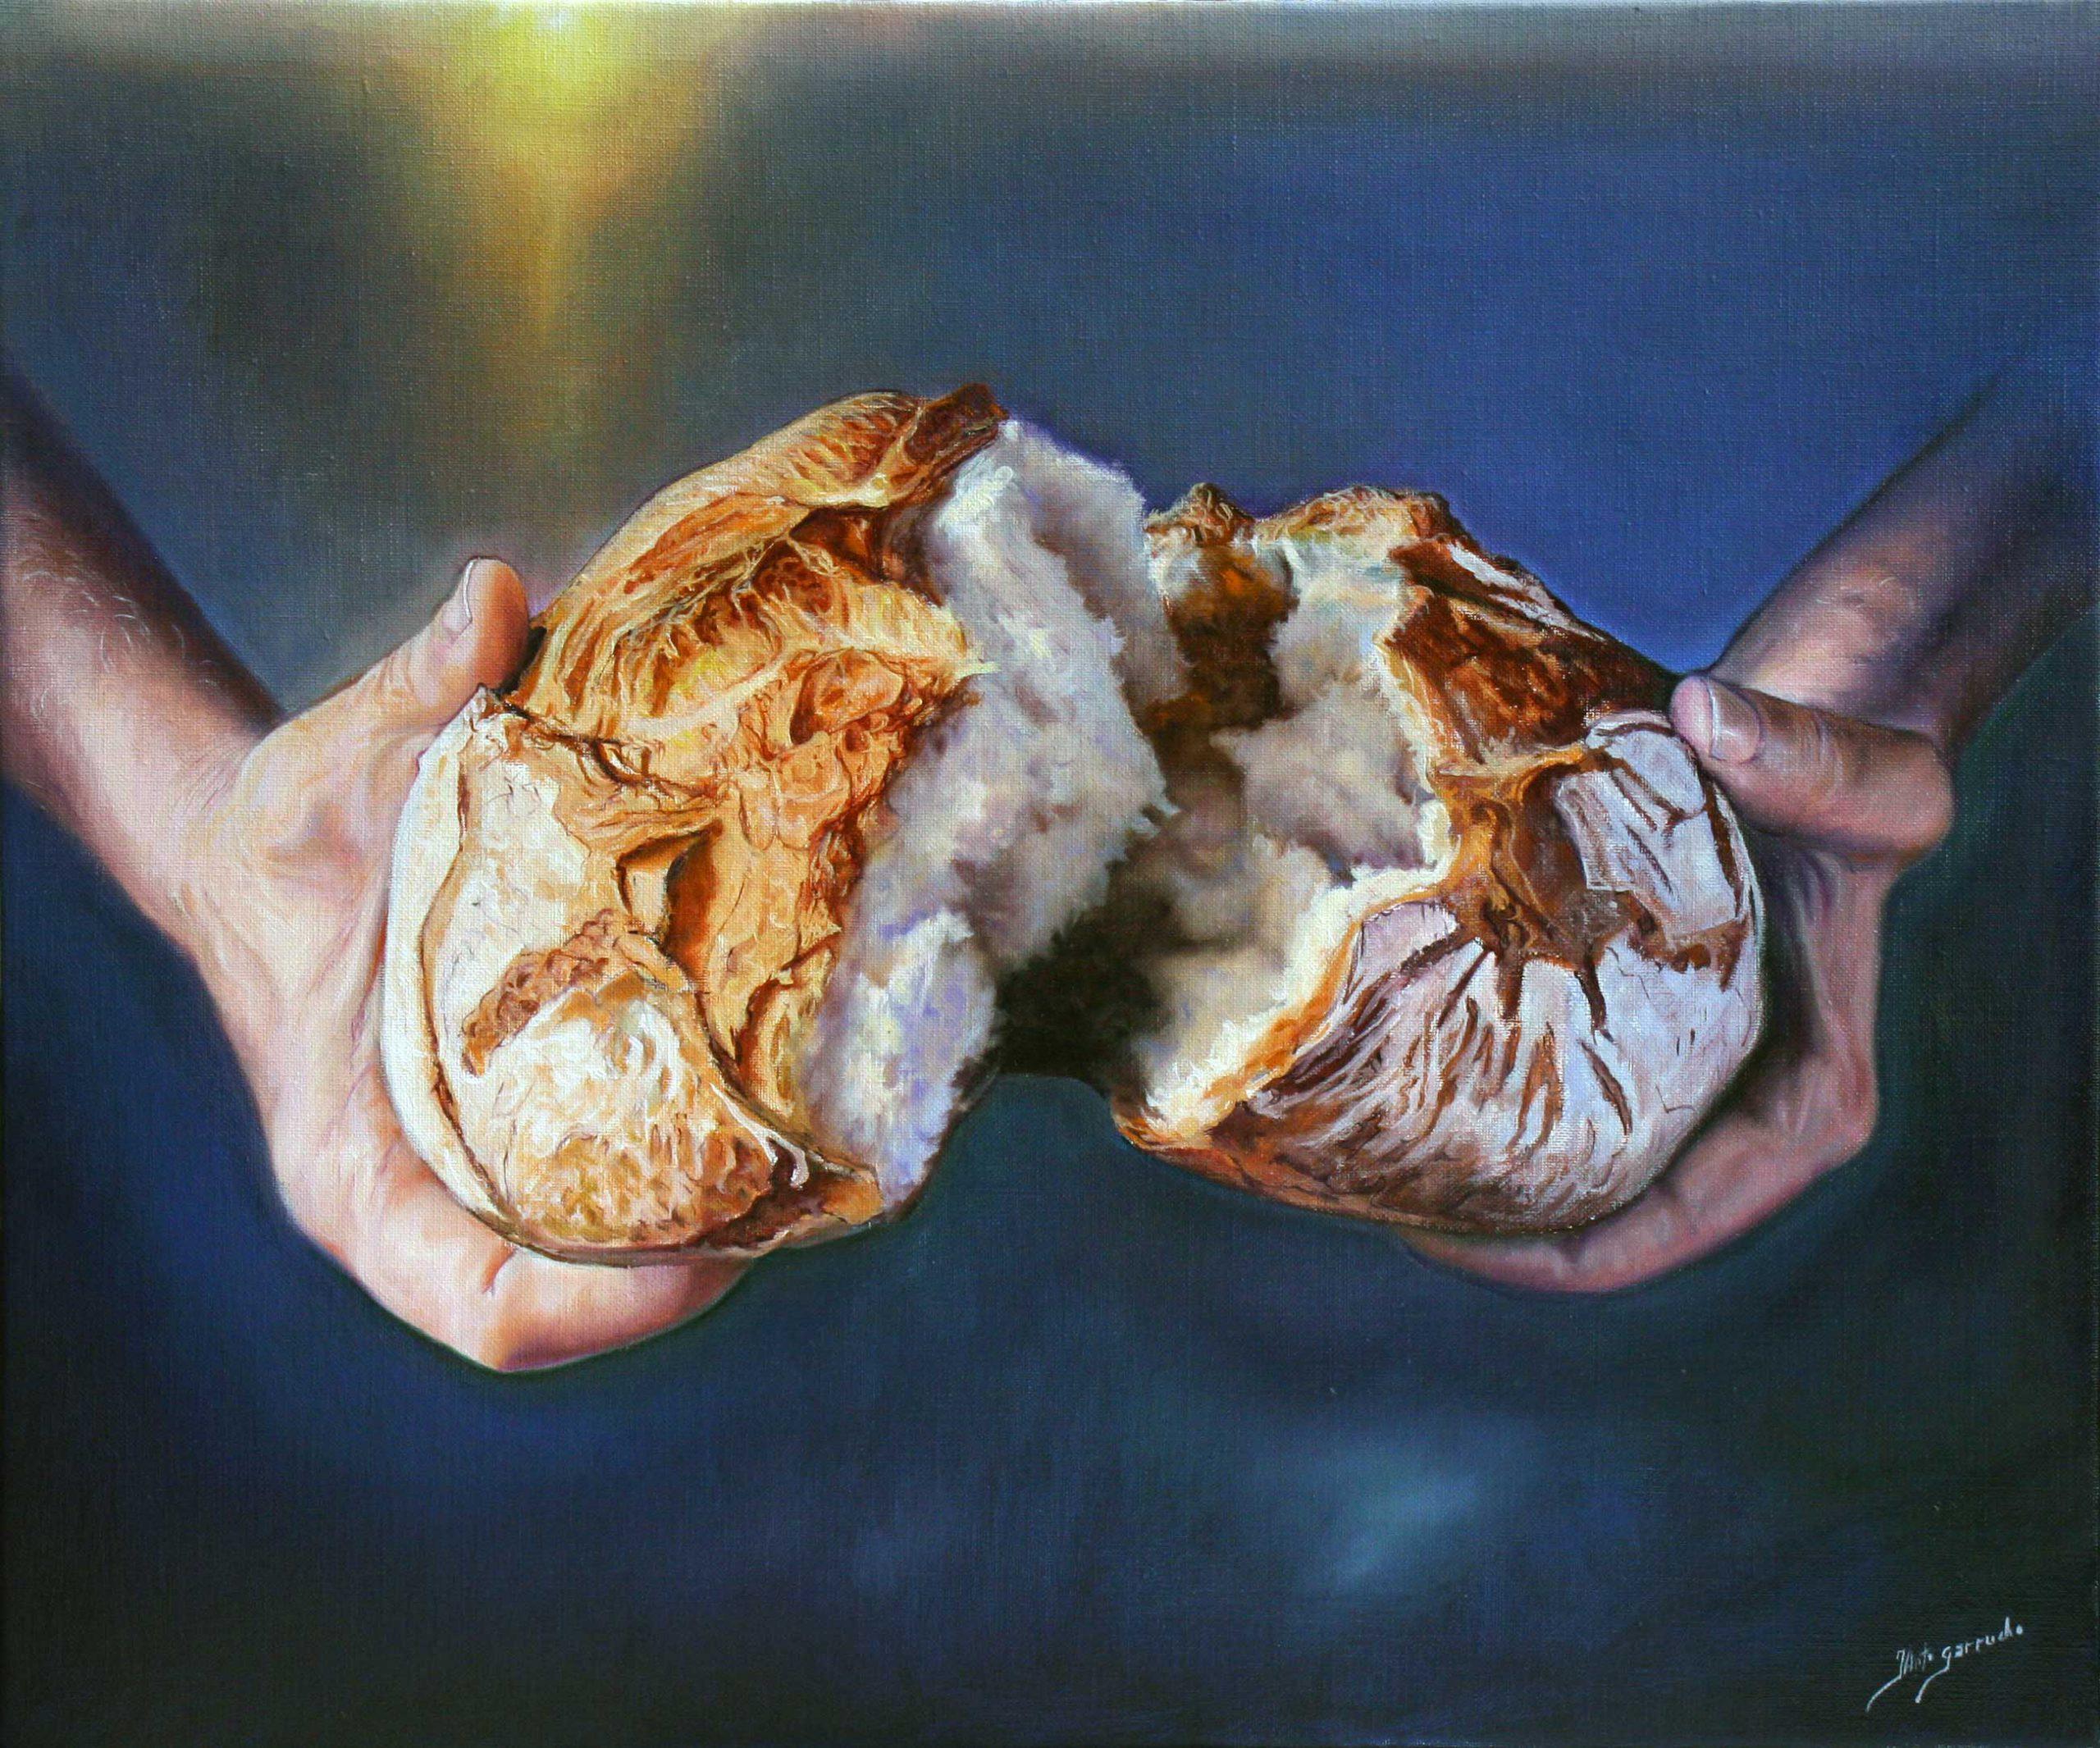 Manos rompiendo el pan